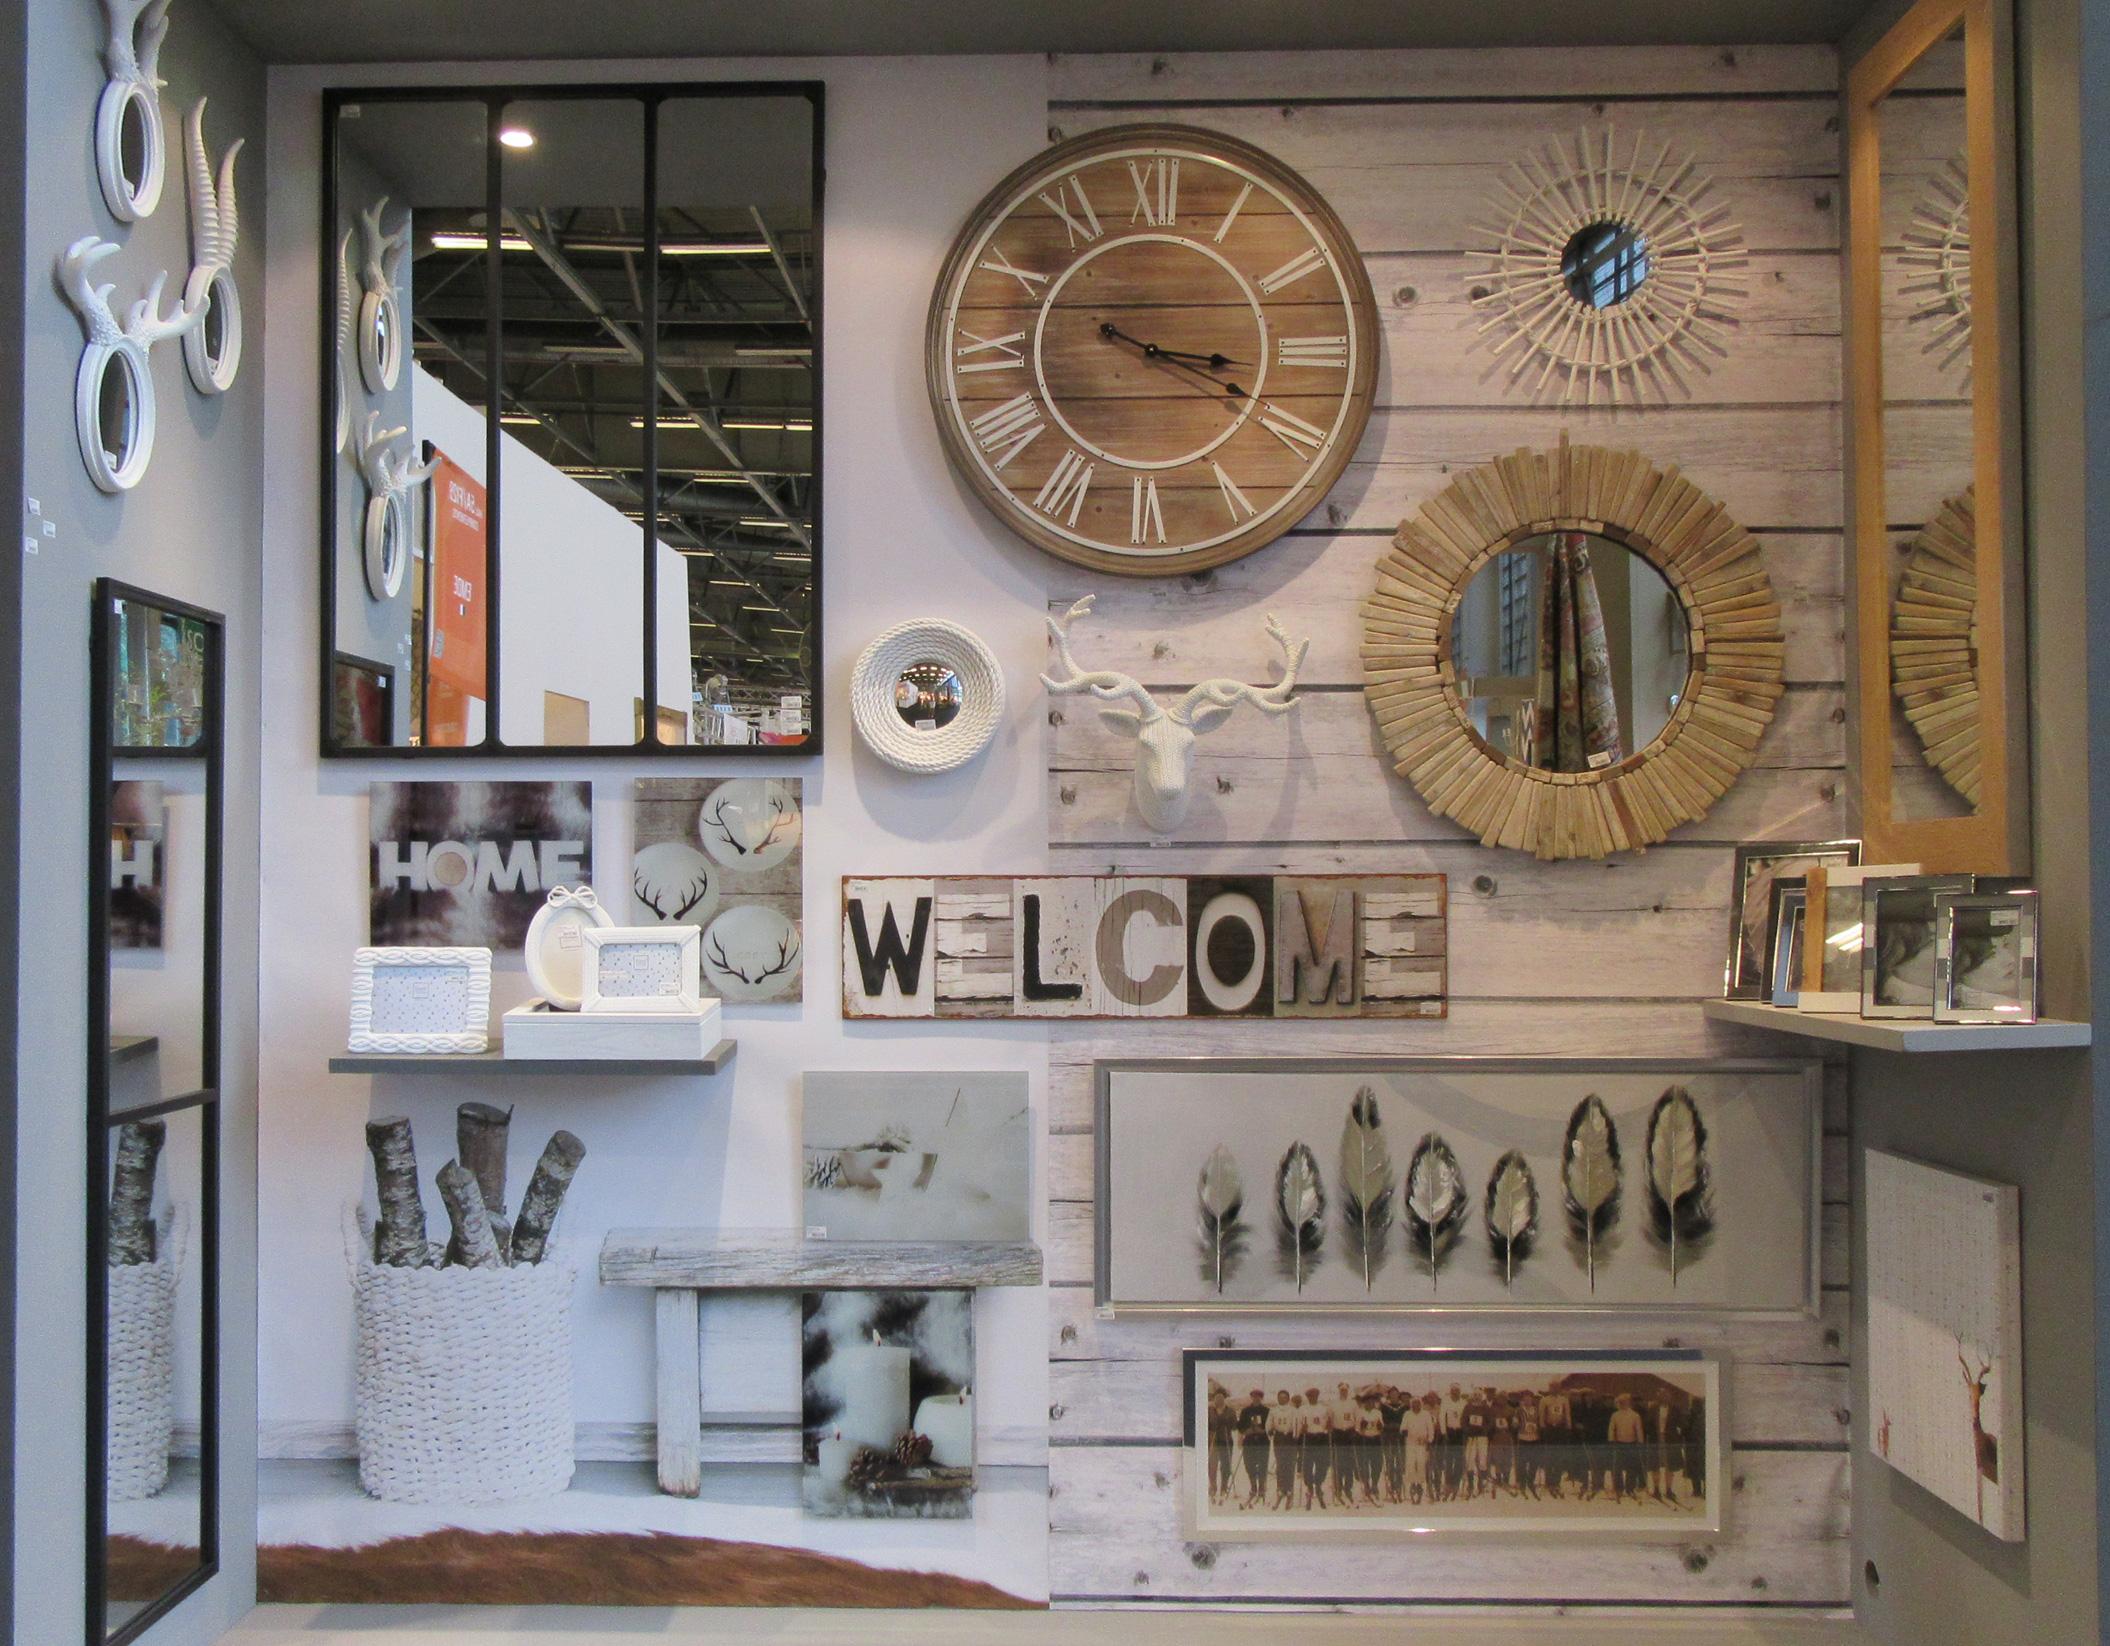 Maison et objet archives emde for Salon maison et objet particuliers